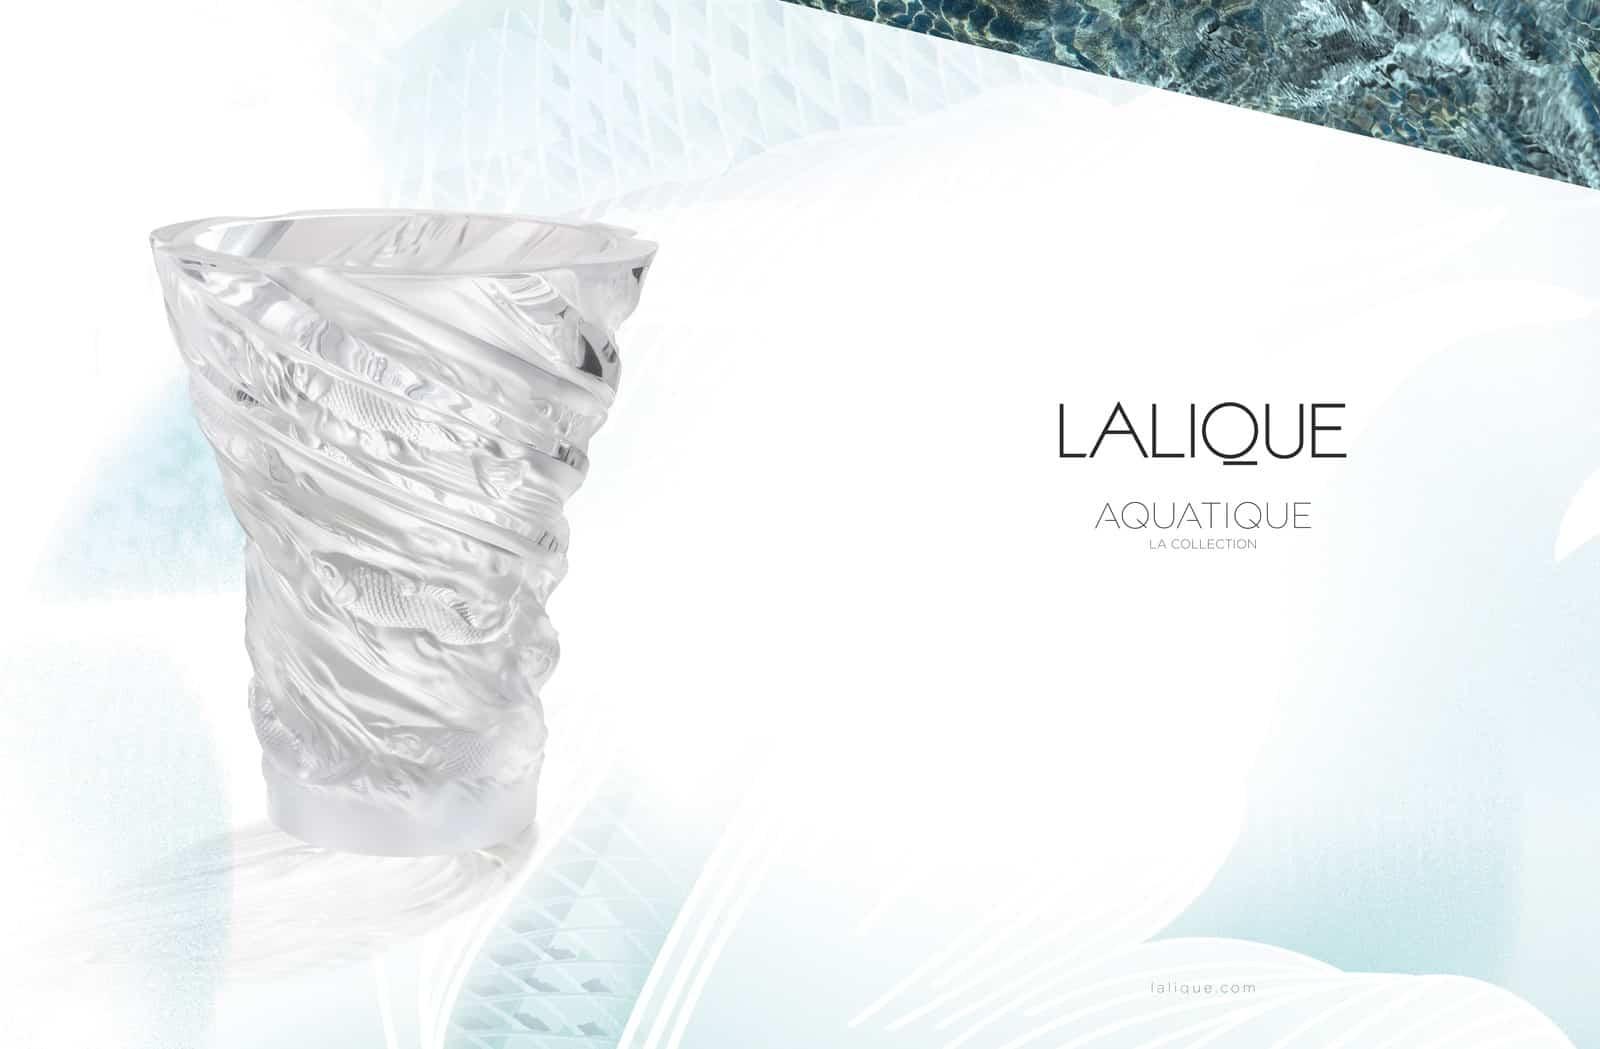 """Lalique Aquatique: """"Thủy Thượng Uyển"""" Trong Căn Biệt Thự Paris 9"""